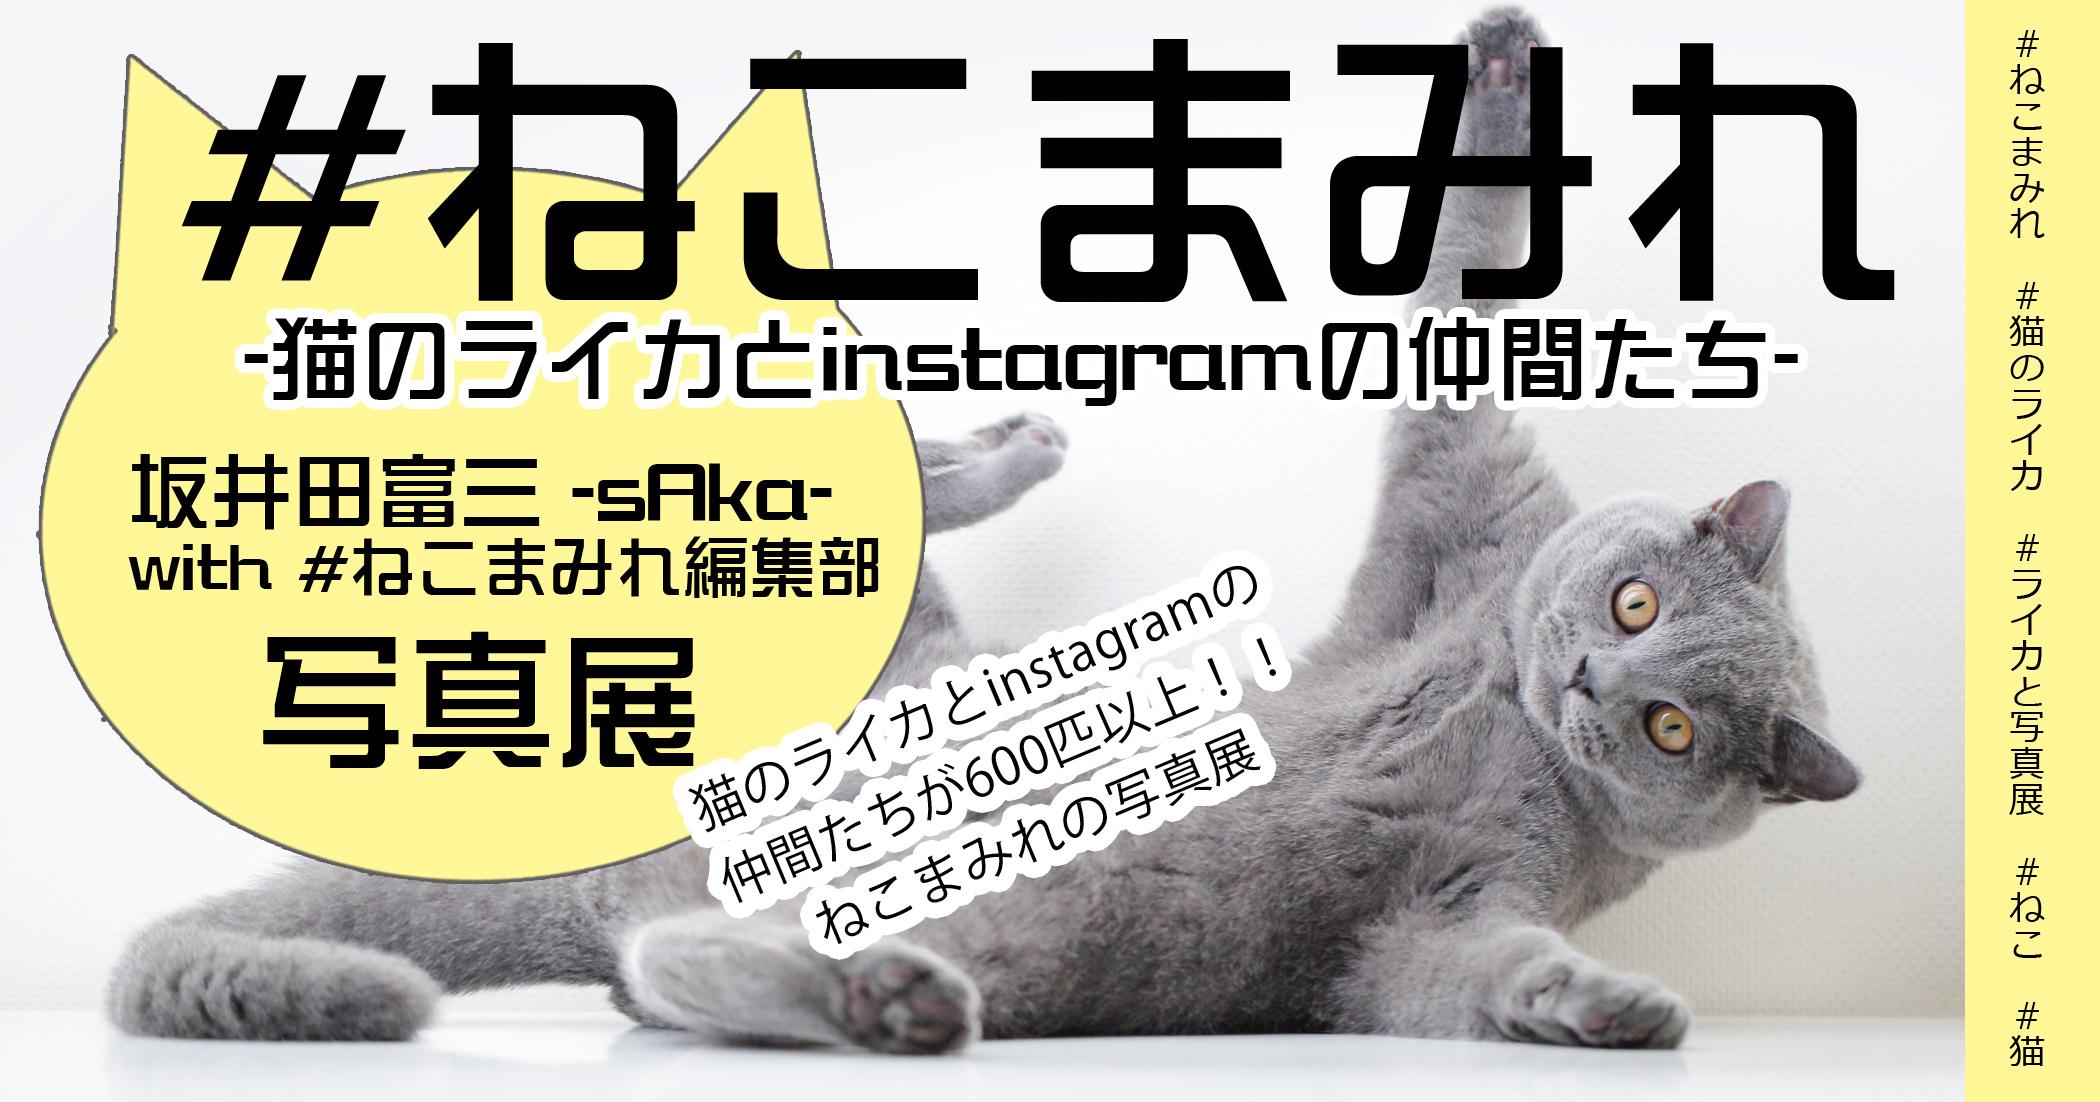 坂井田富三写真展「#ねこまみれ -猫のライカとinstagramの仲間たち- 」